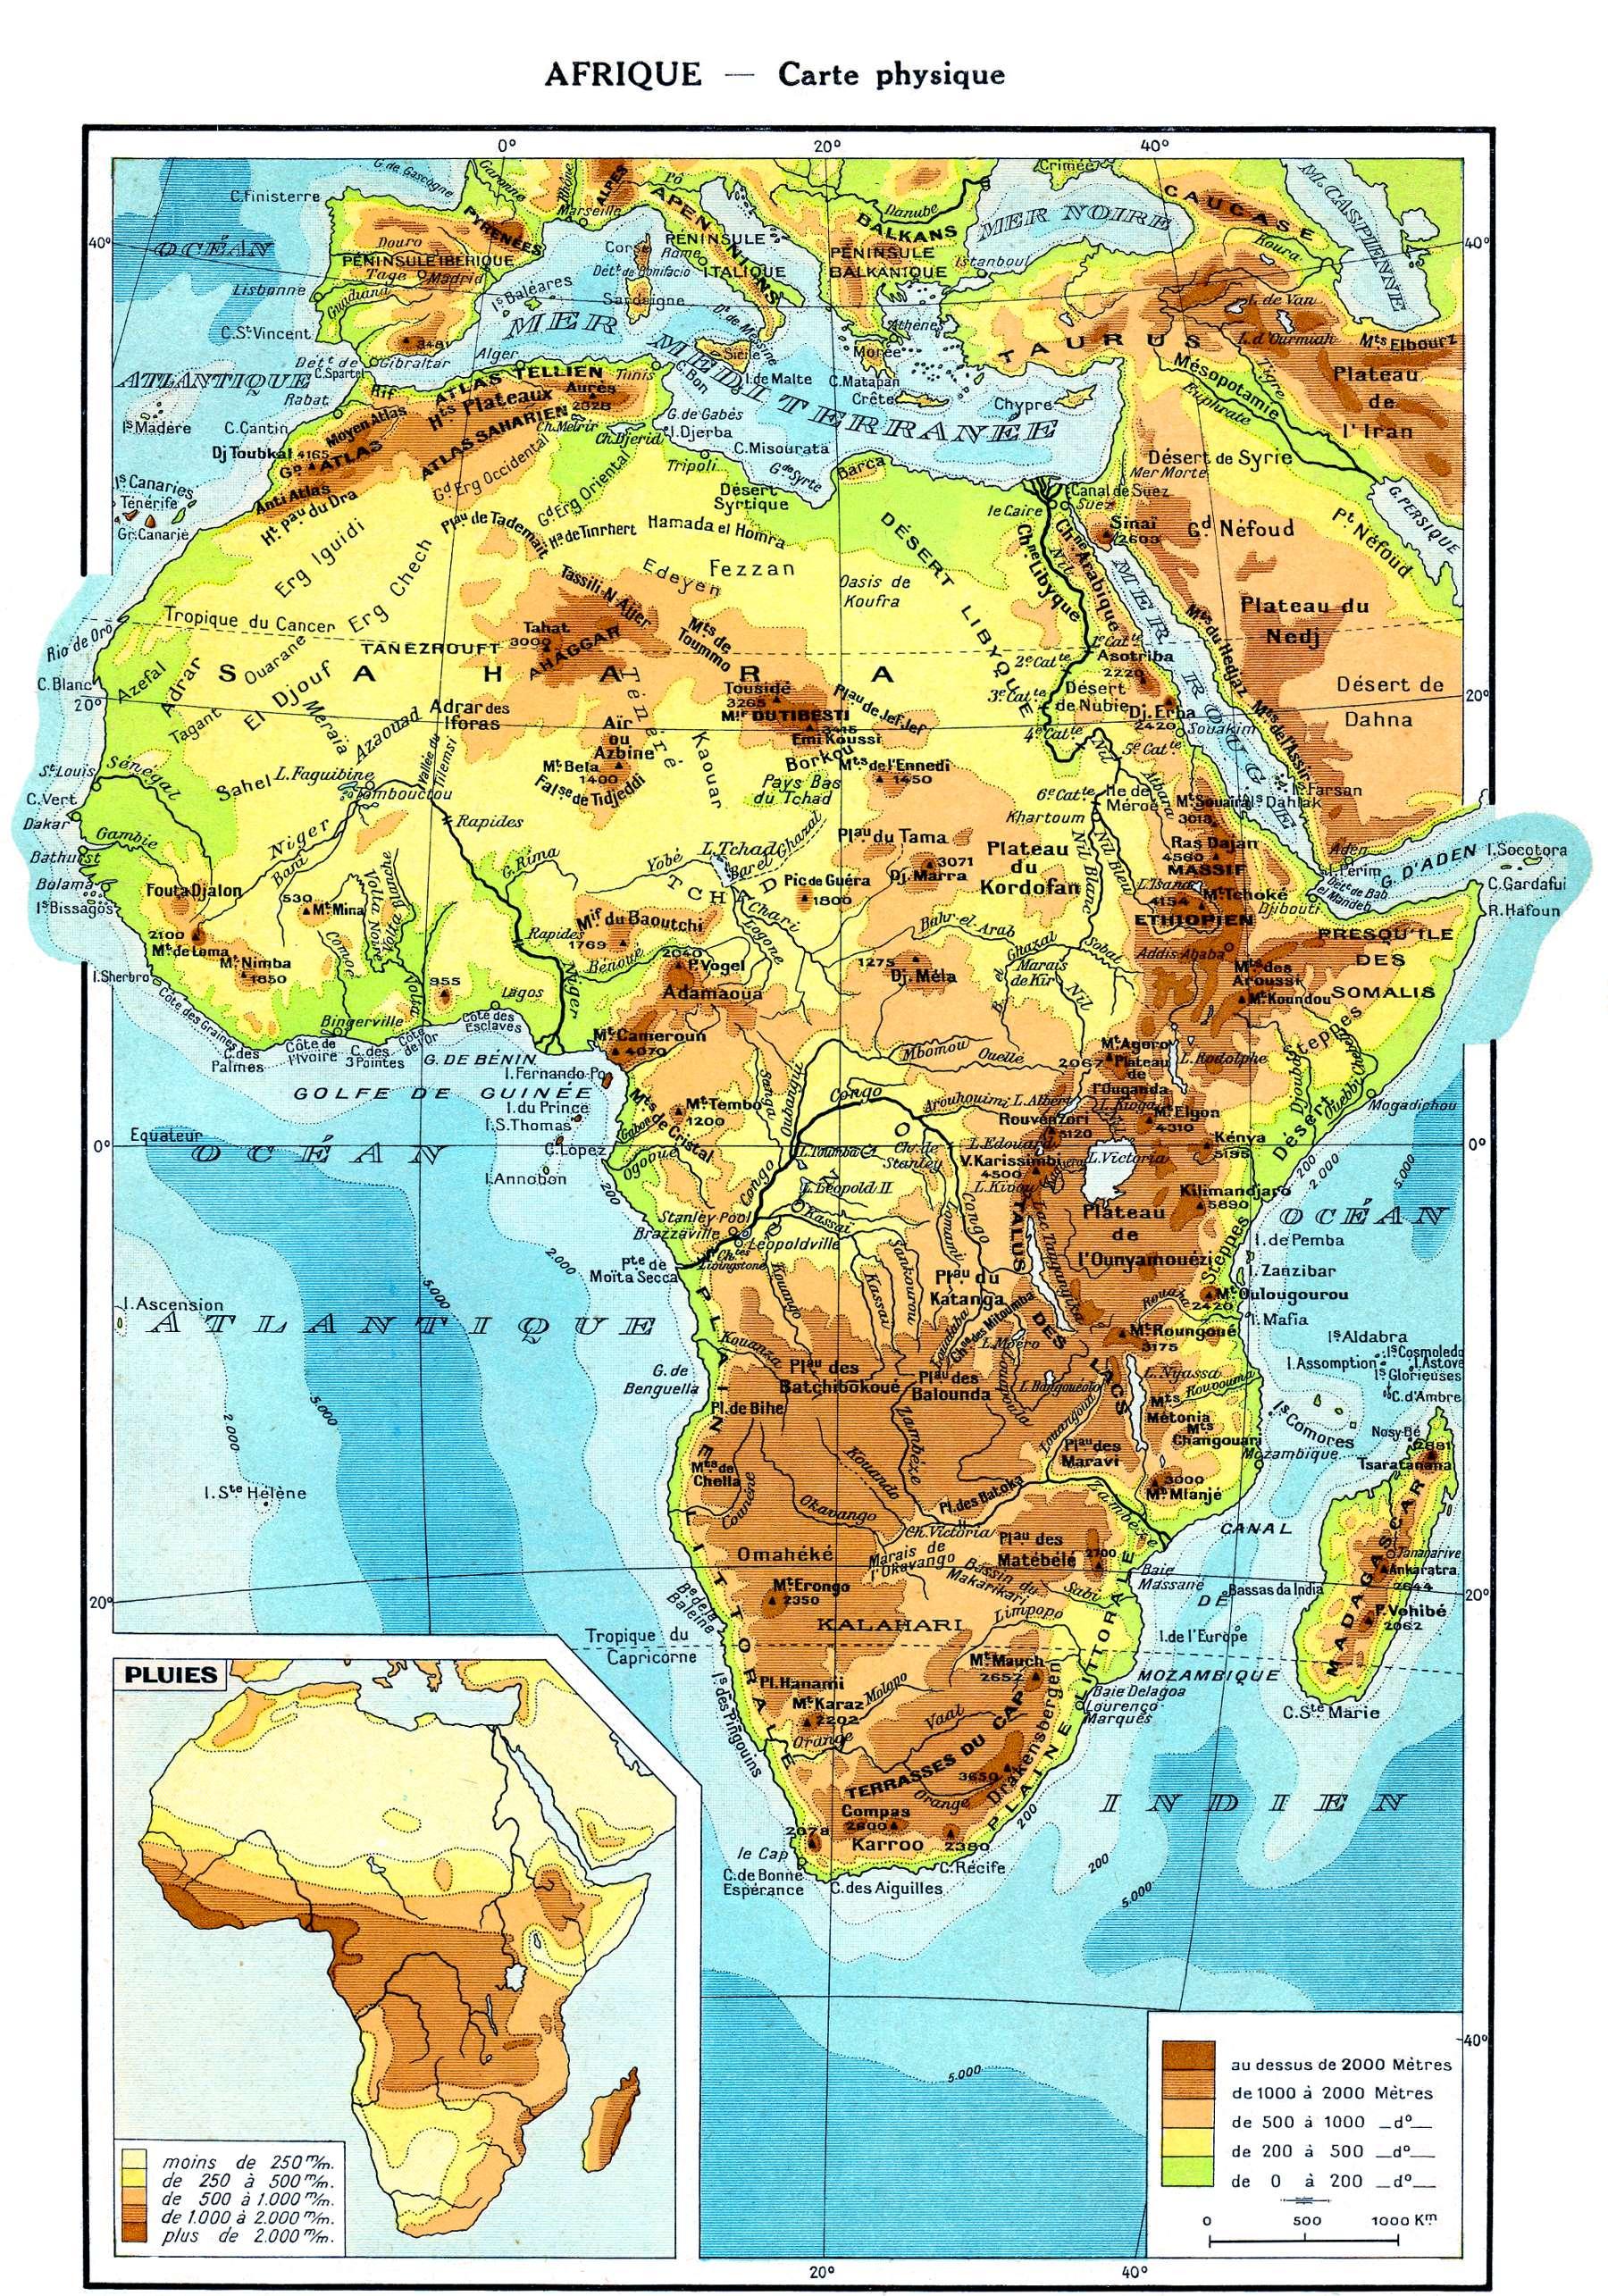 Carte Afrique Physique.Physique Afrique Blanc Carte Pdf